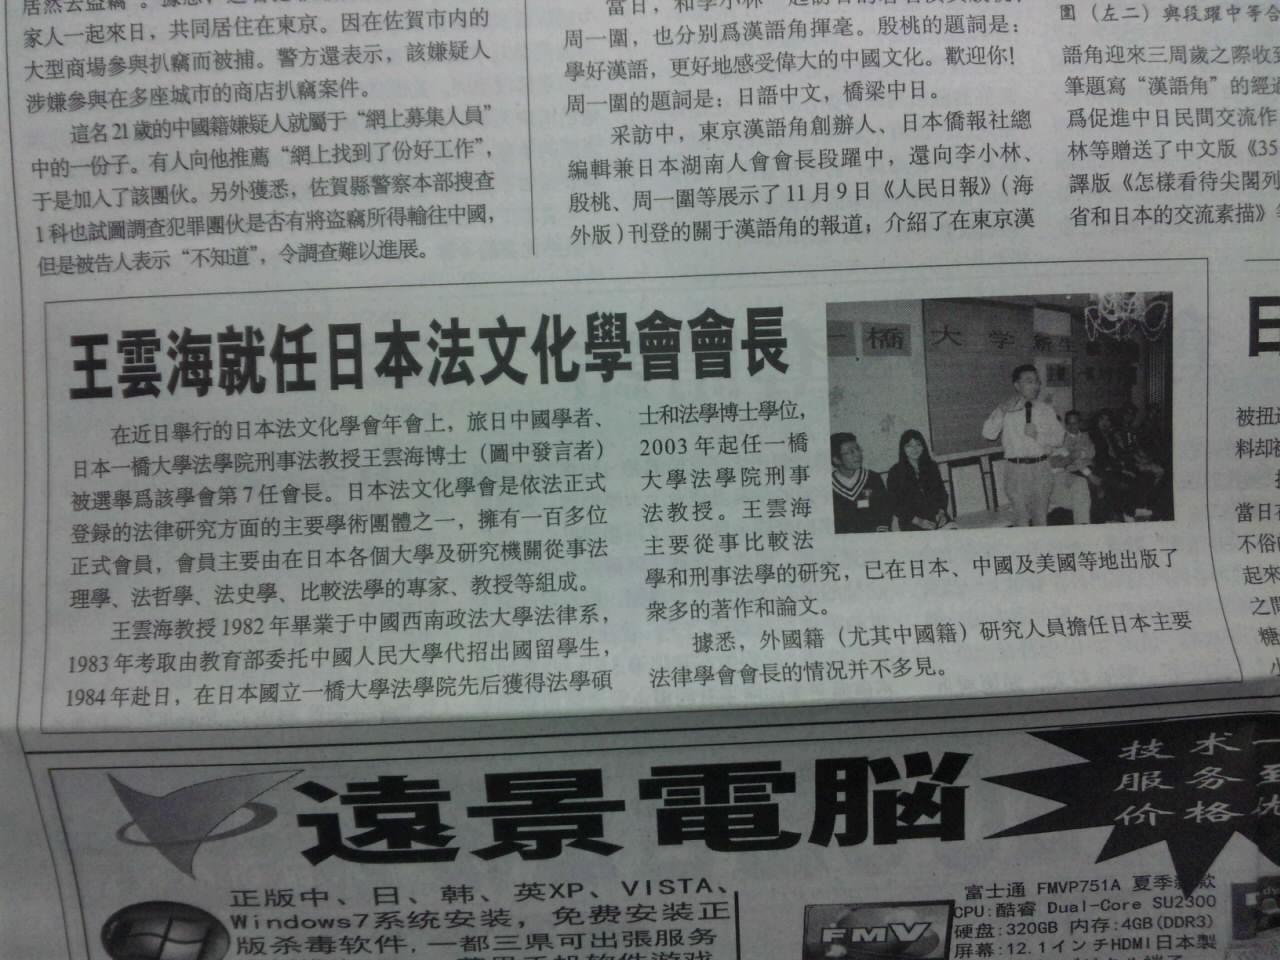 王雲海博士会長就任の記事 新華時報に転載された_d0027795_17524043.jpg